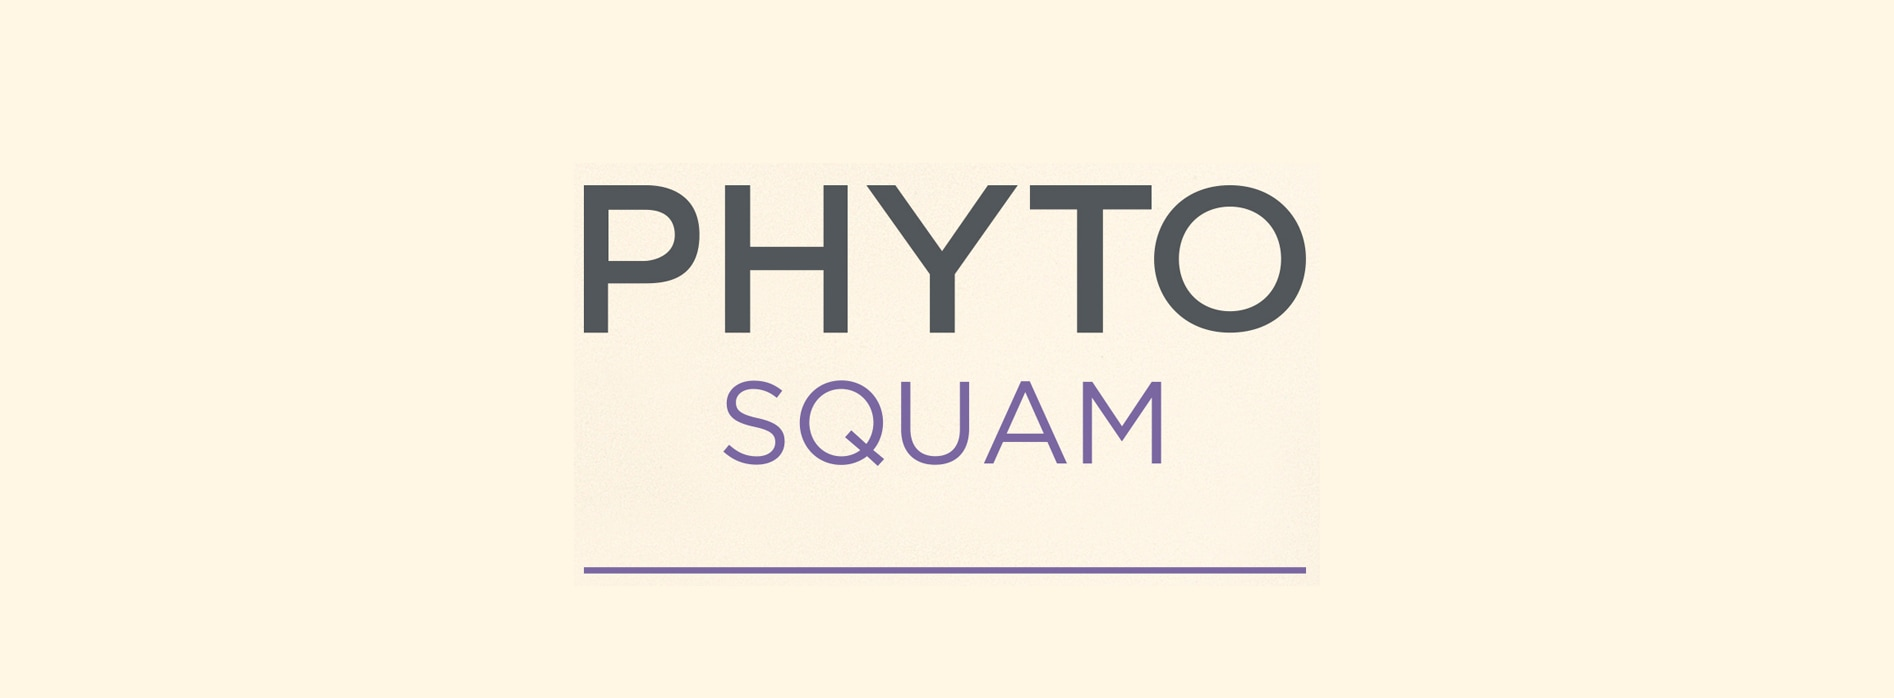 Phytosquam